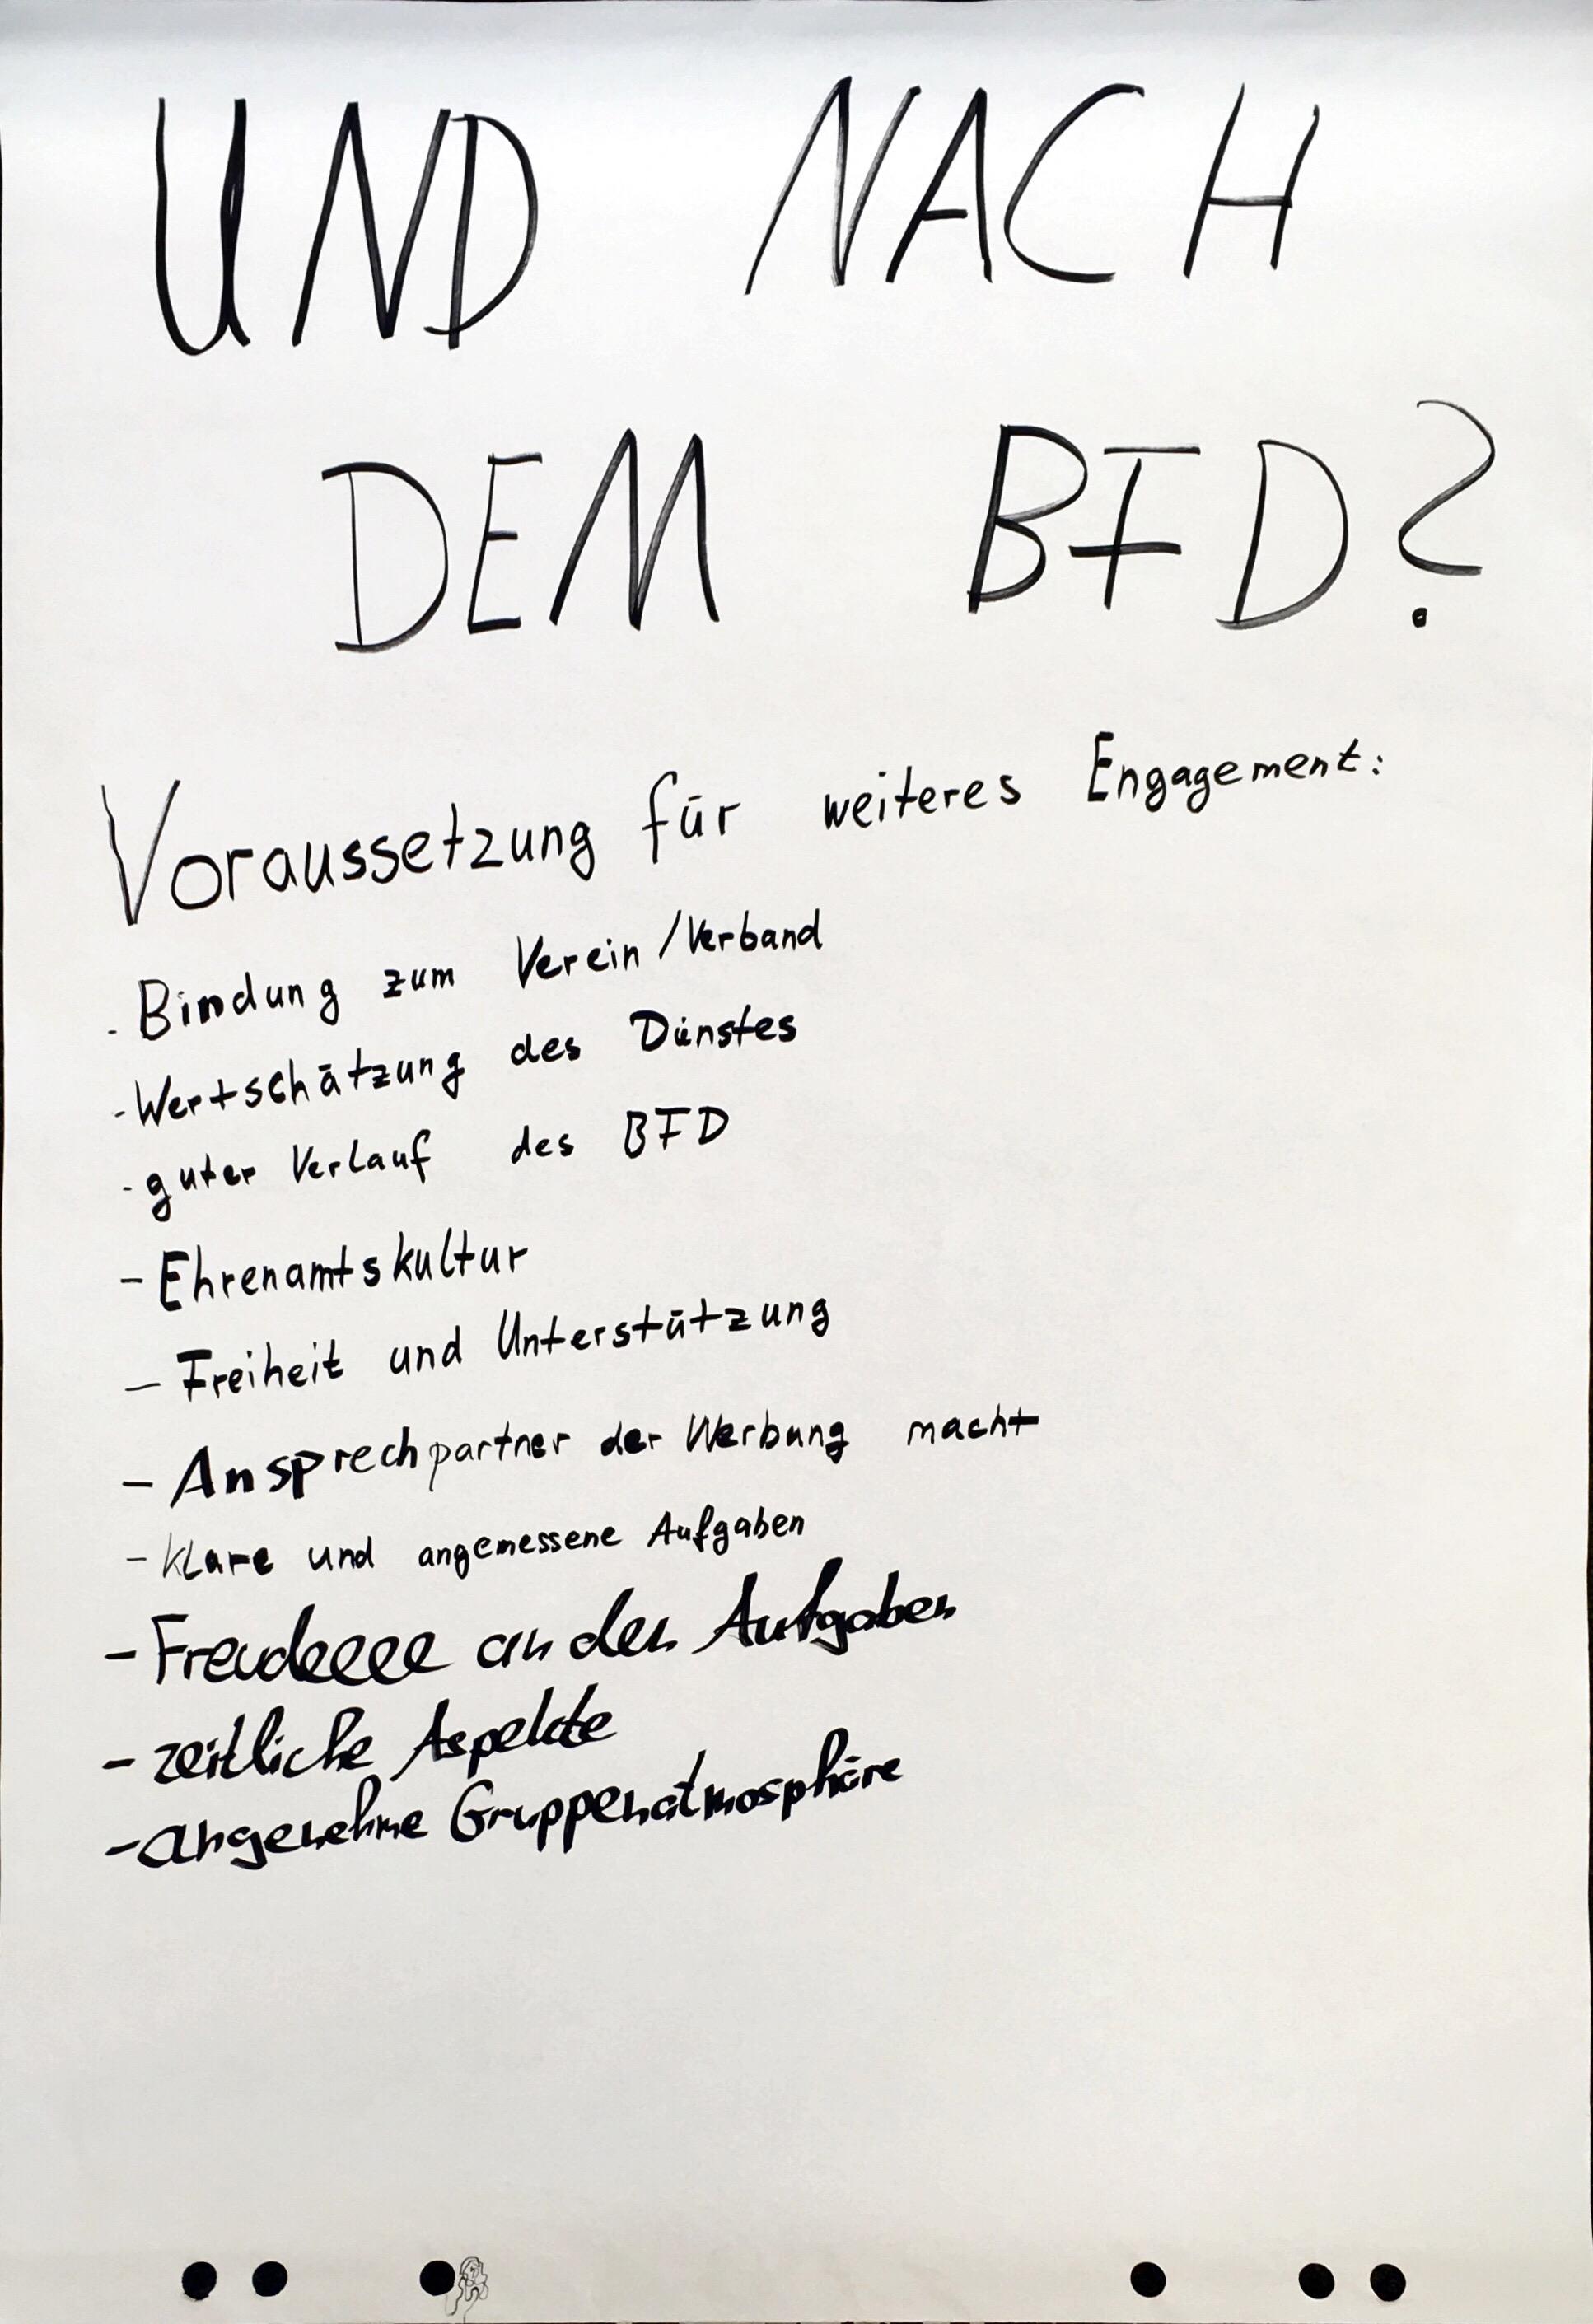 drj-bfd-abschluss-2019-29